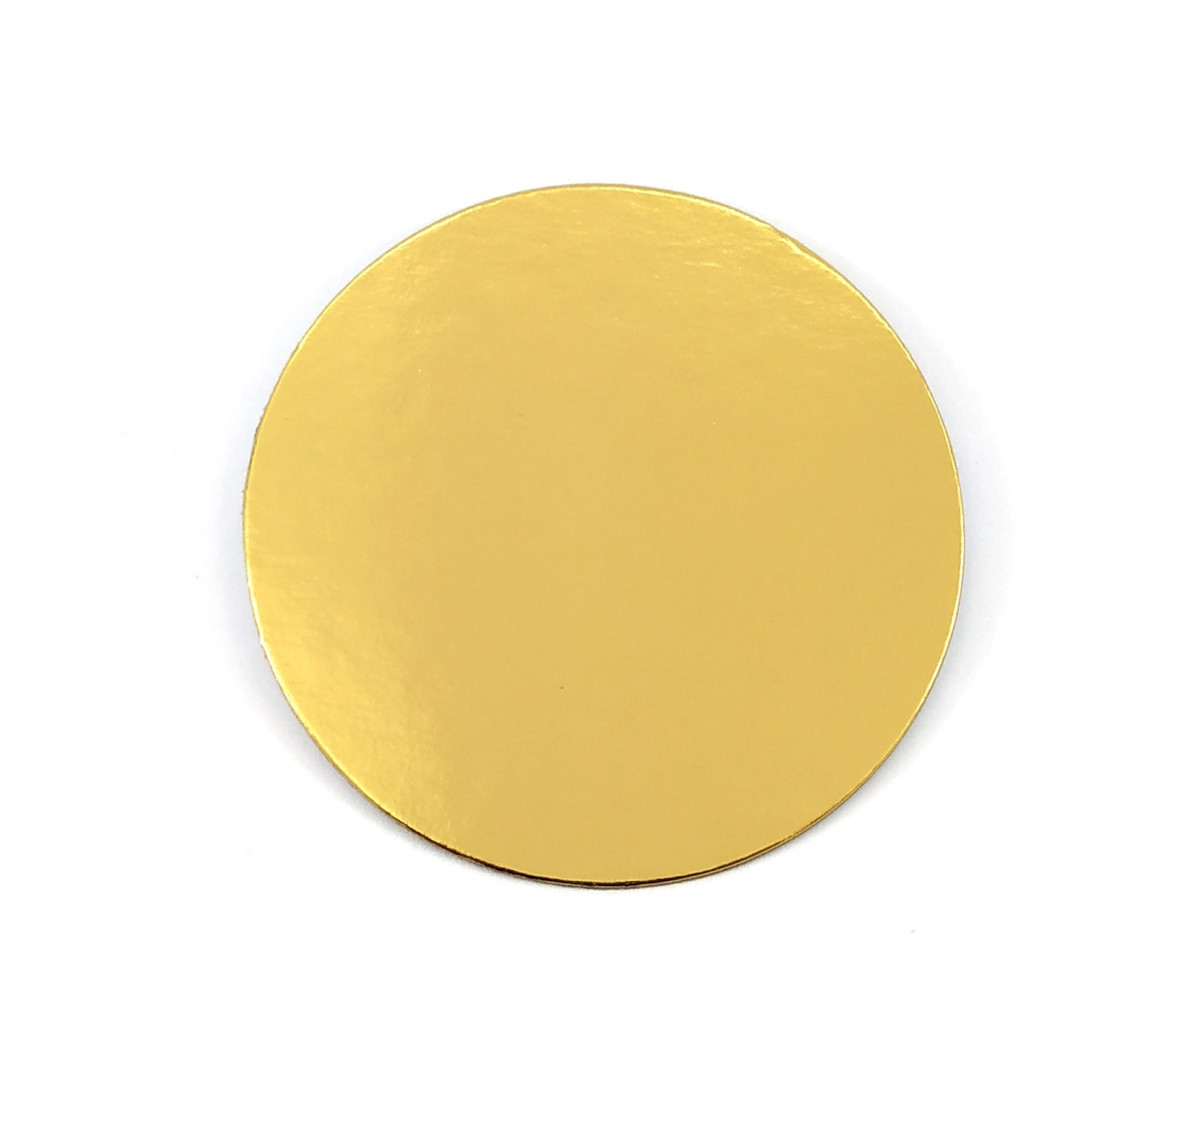 Подложка круг 28 см уплотненная 3мм, Золото/черная, 3 мм.